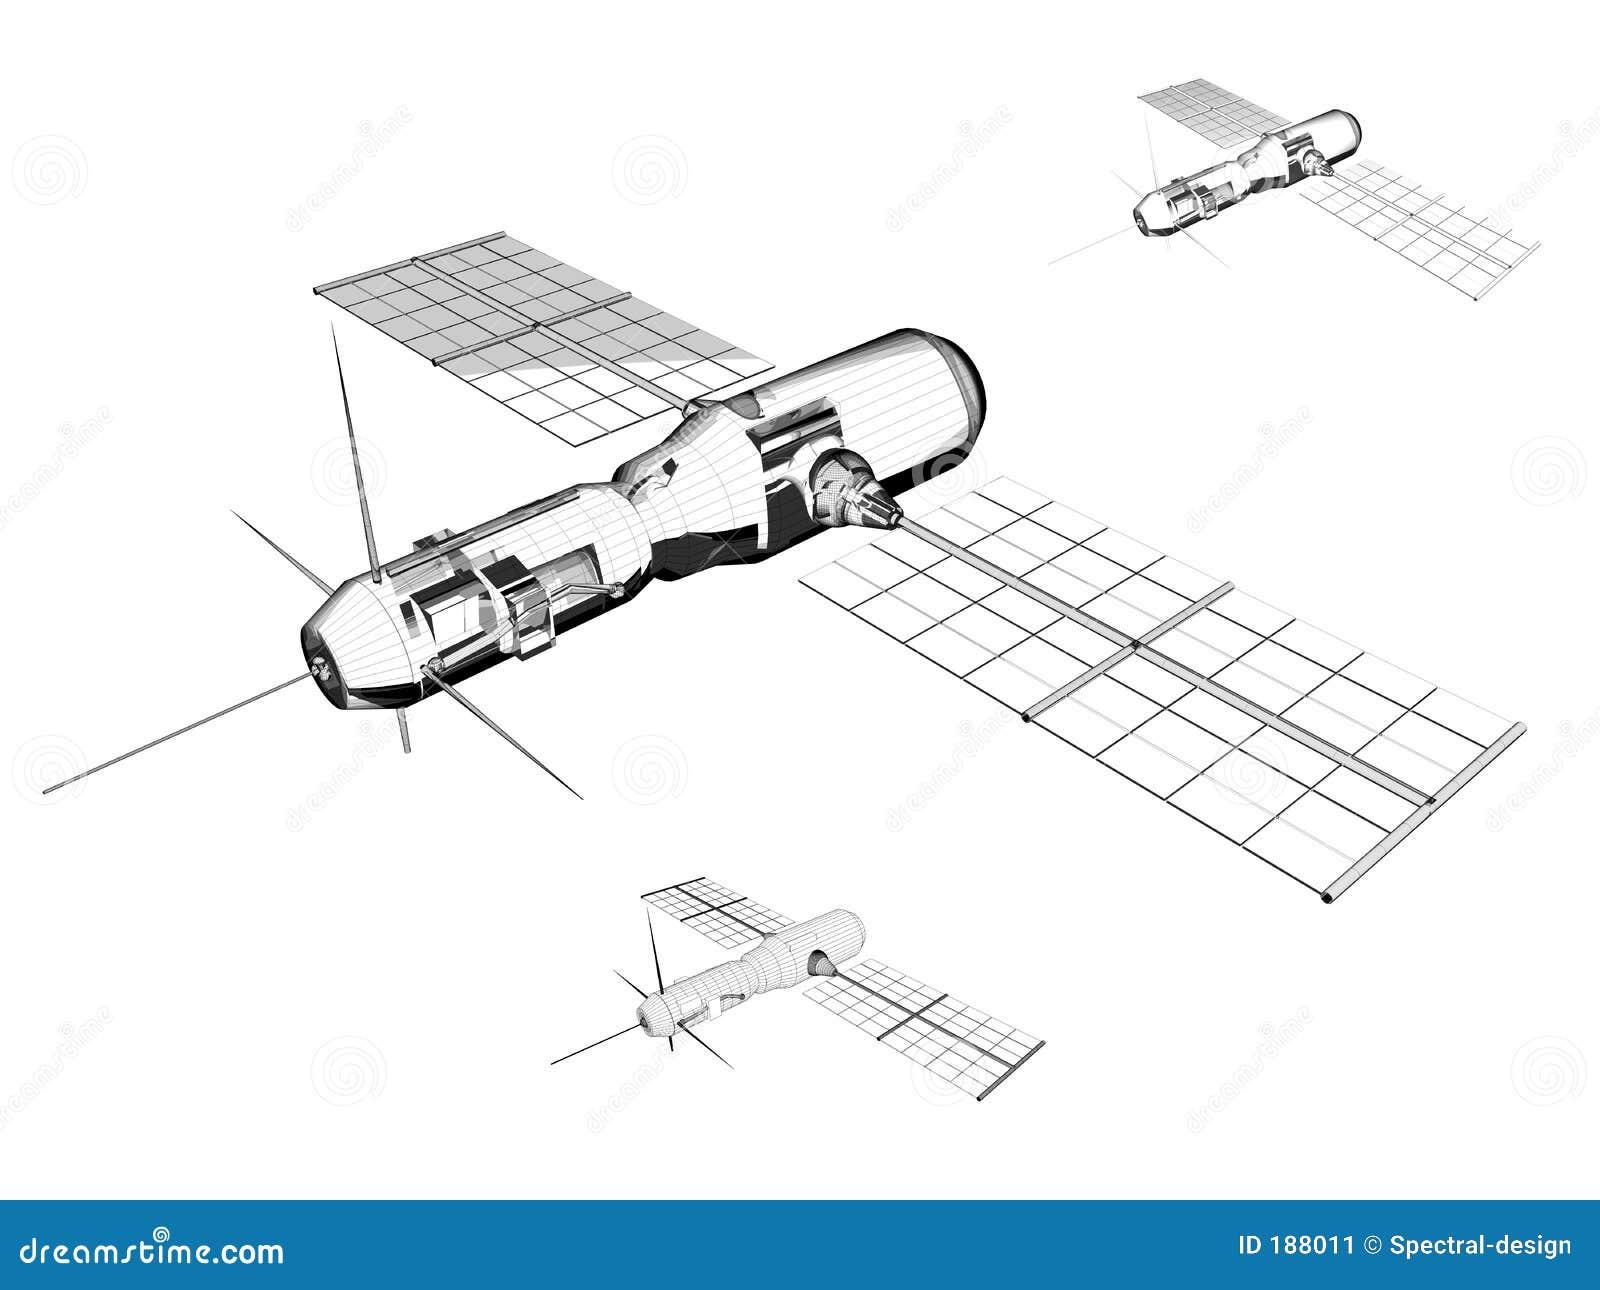 Satélite - ilustración industrial